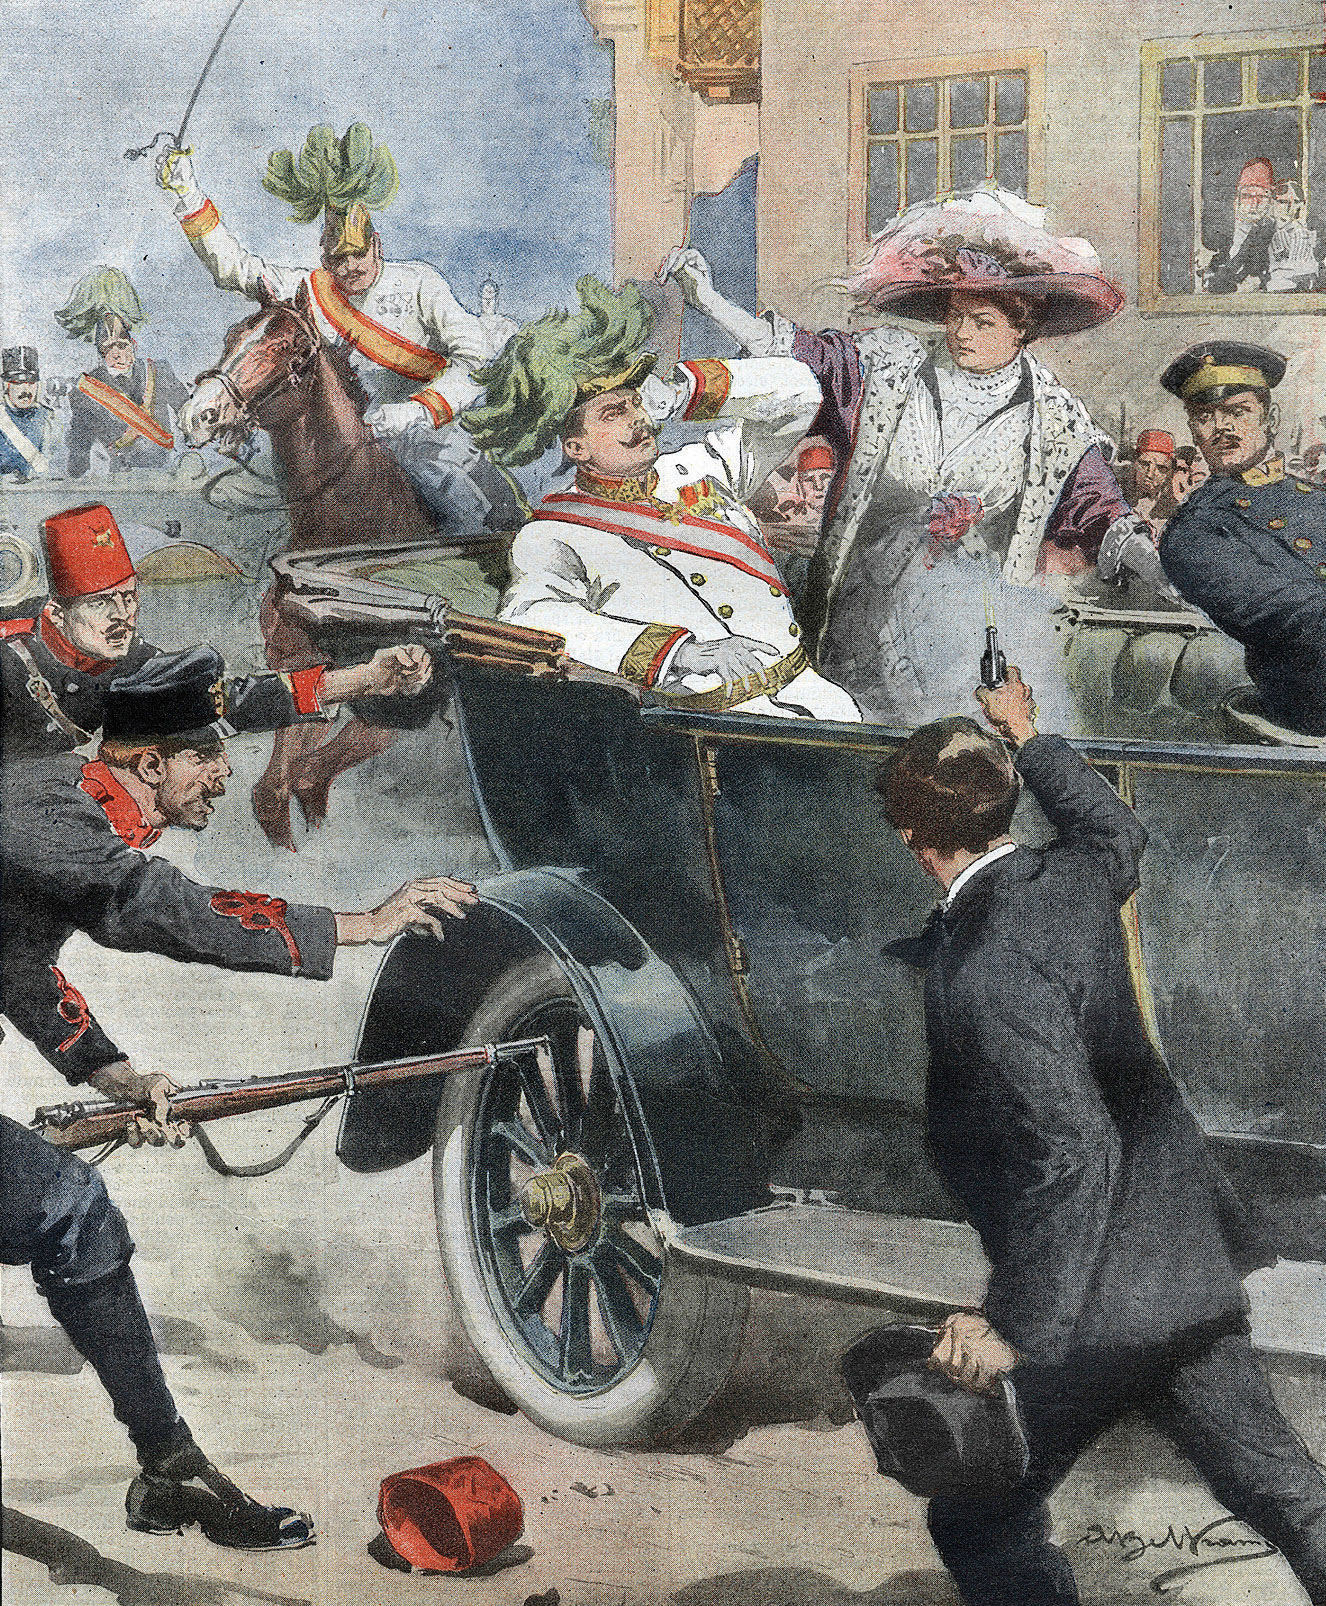 L'assassinio di Francesco Ferdinando sulla copertina della Domenica del Corriere, Anno XVI n. 27 del 5-12.7.1914, illustrata da Achille Beltrame